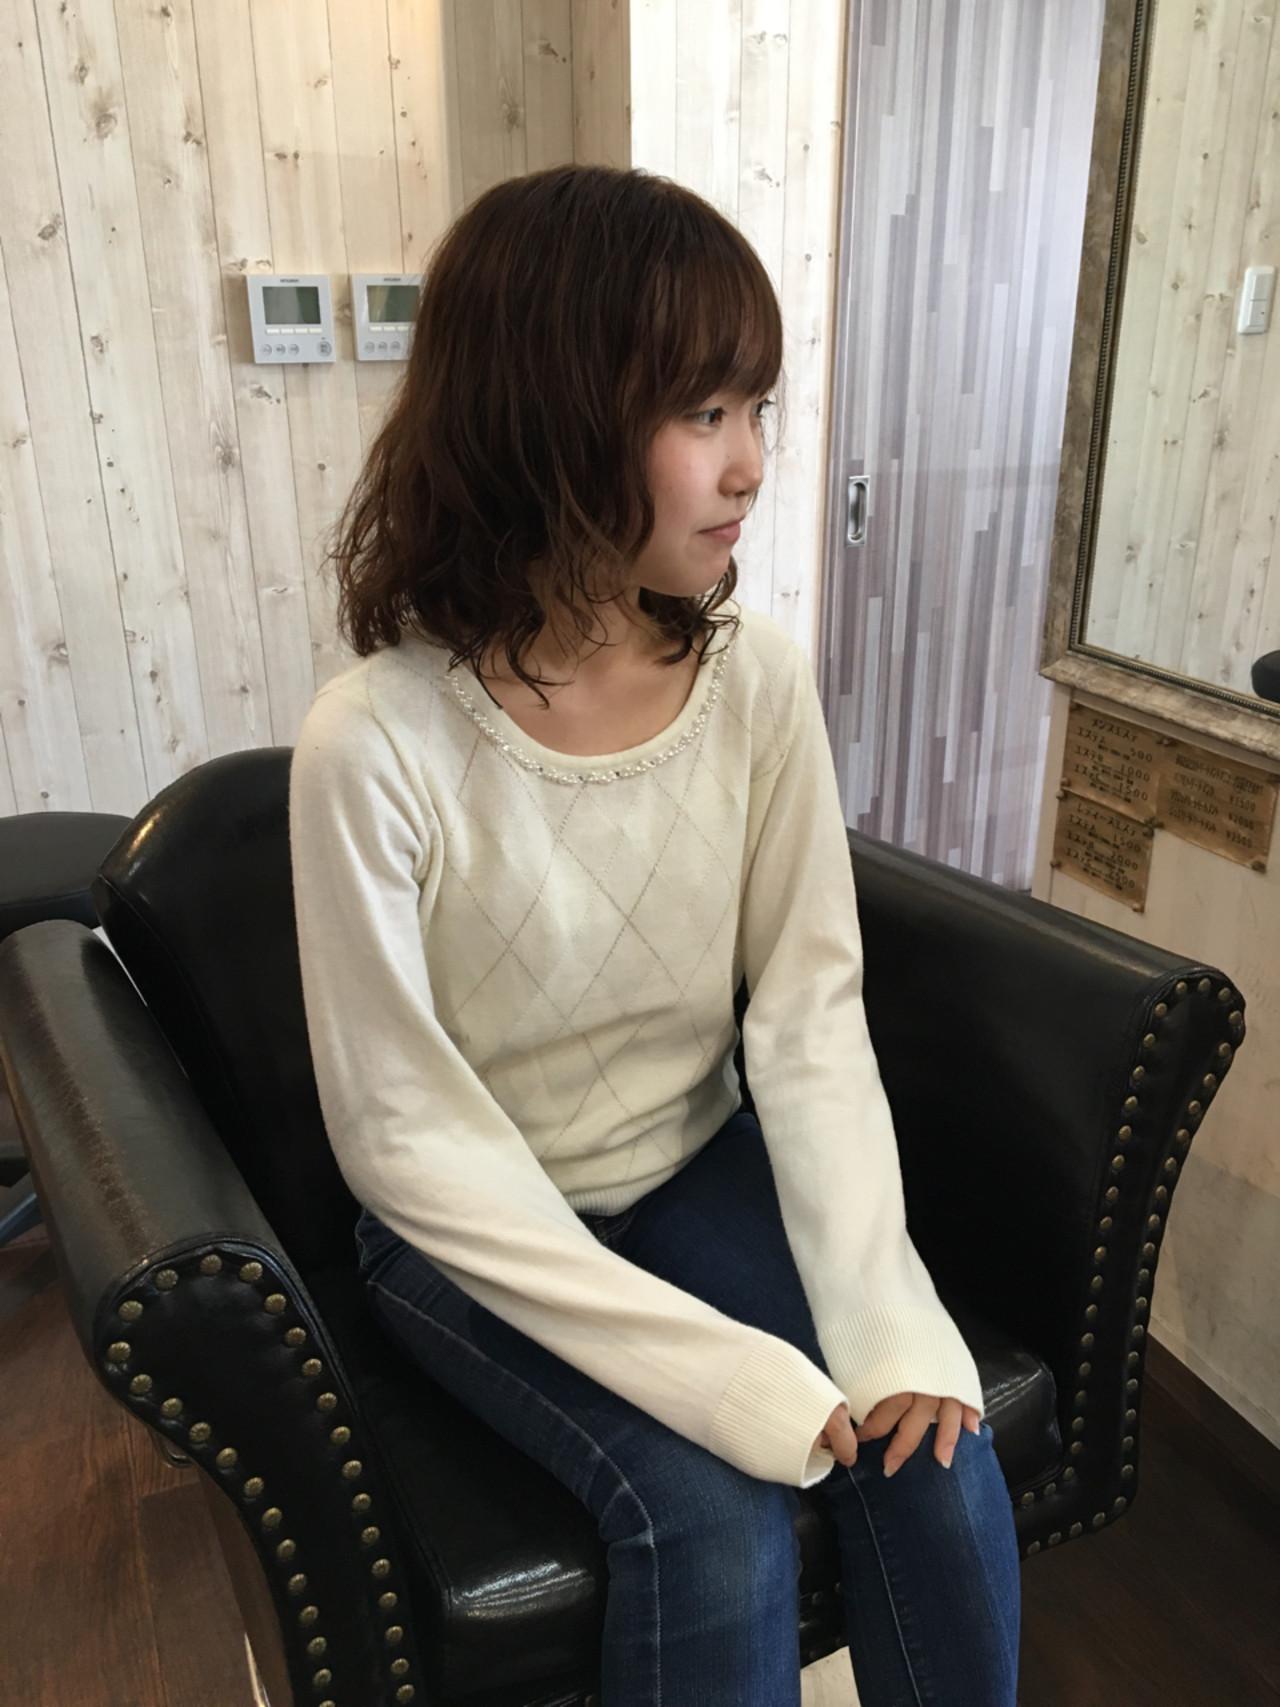 アウトドア 簡単ヘアアレンジ ミディアム フェミニン ヘアスタイルや髪型の写真・画像 | Toshiaki Nakamura / Free art